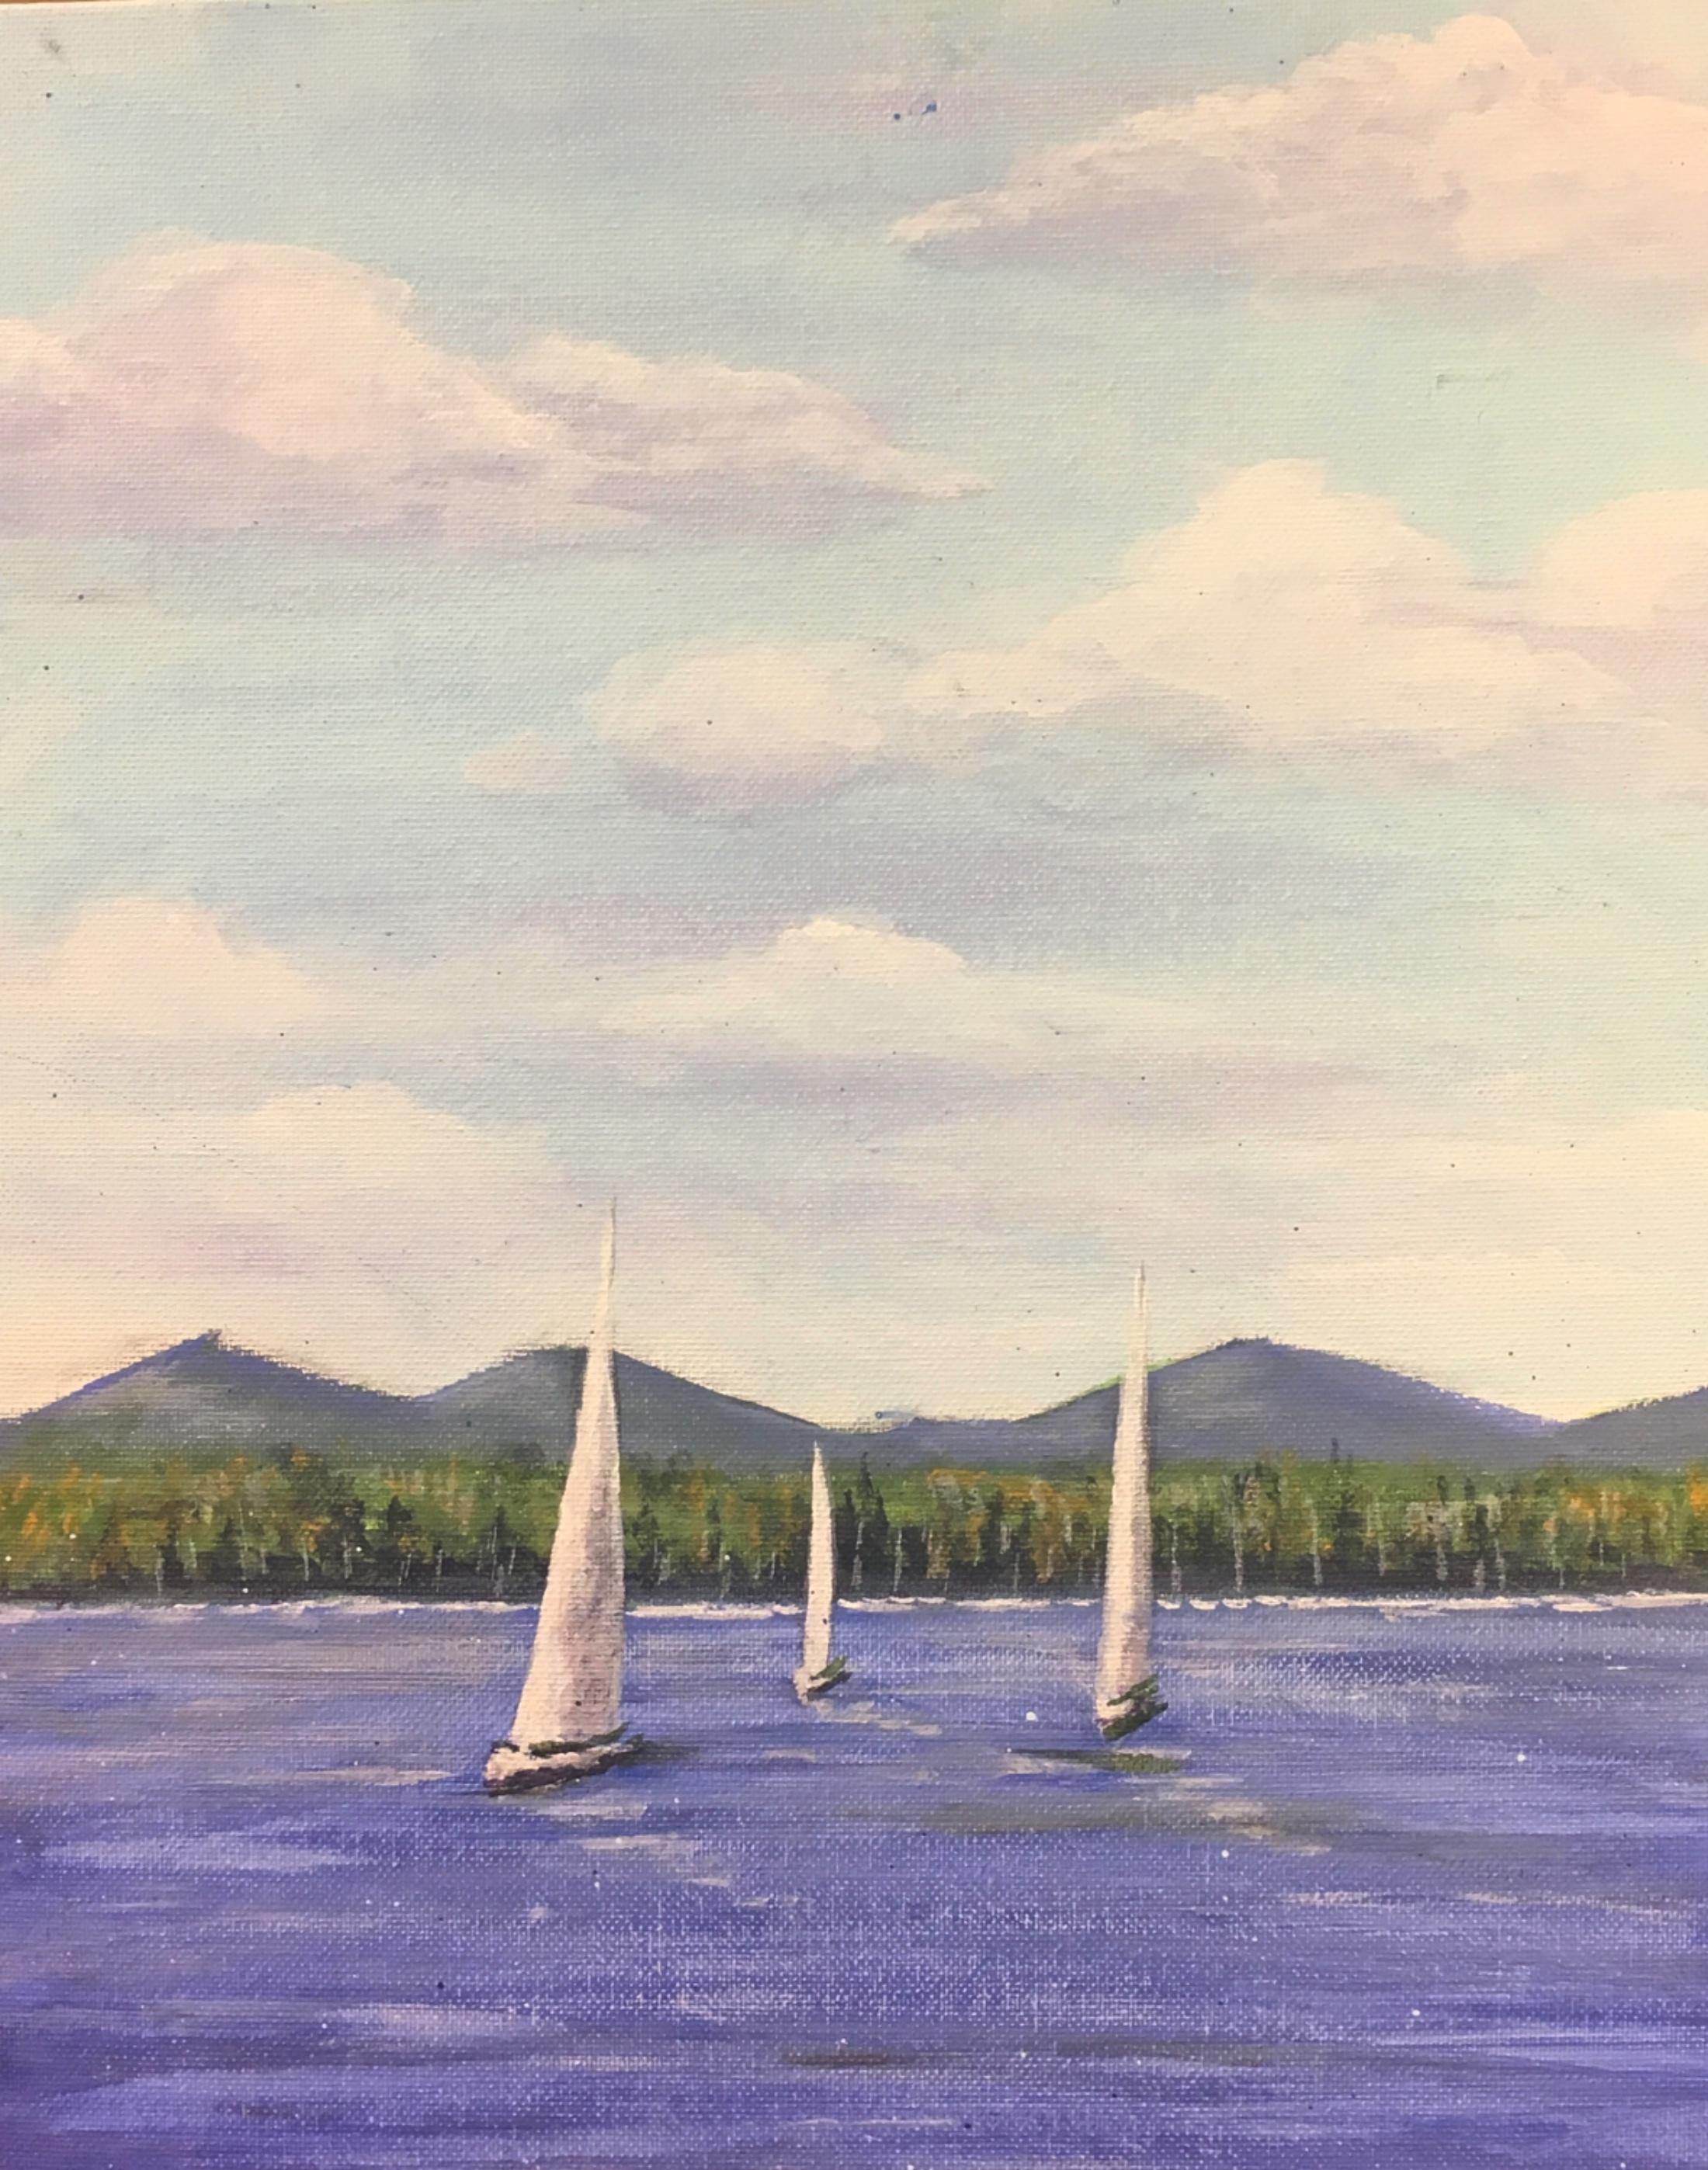 Sailboat Dream - June 20.jpg